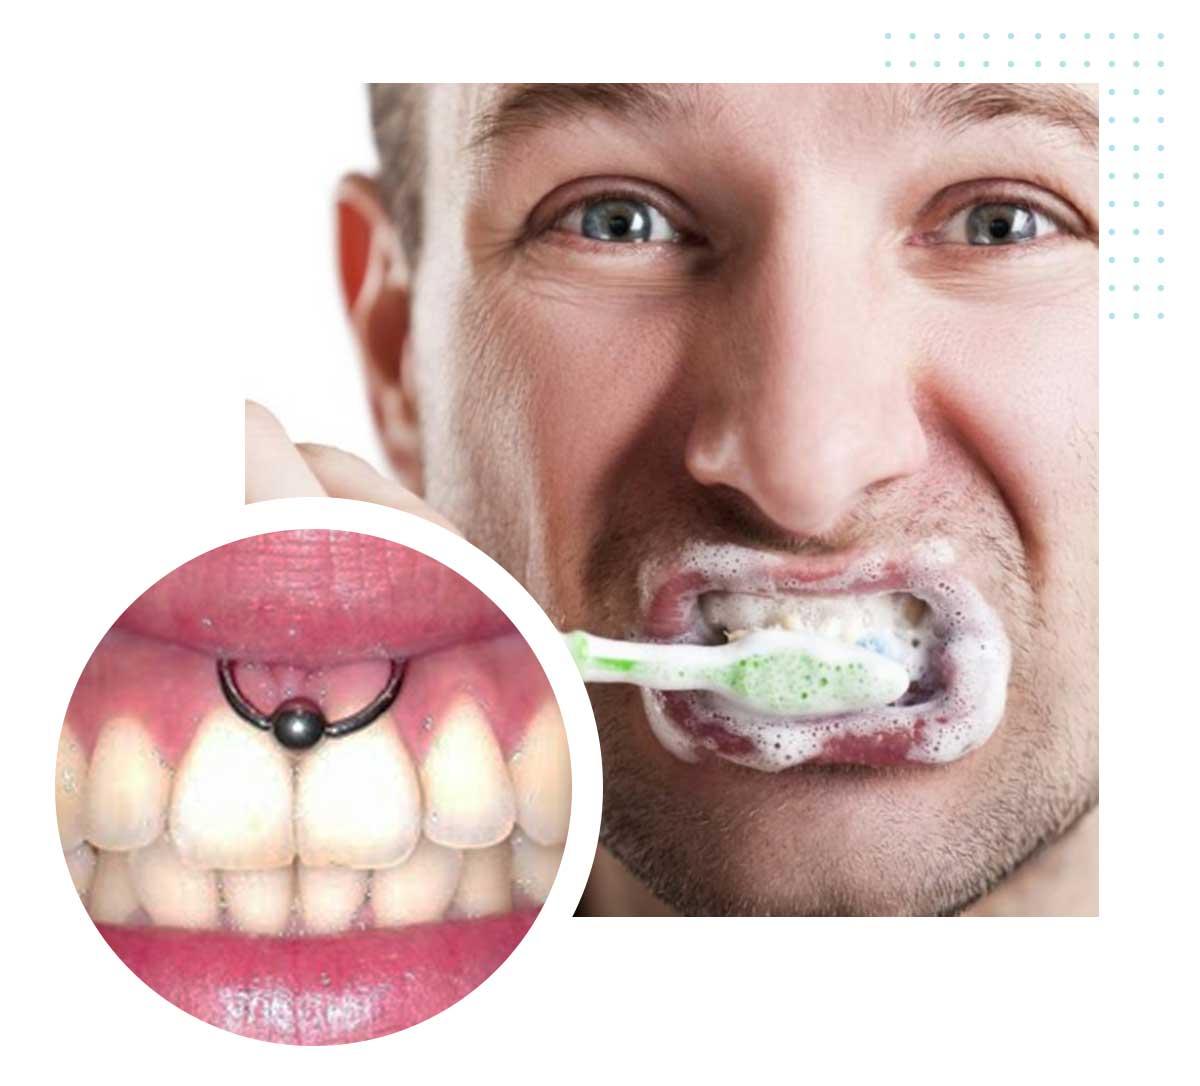 Errato spazzolamento dei denti